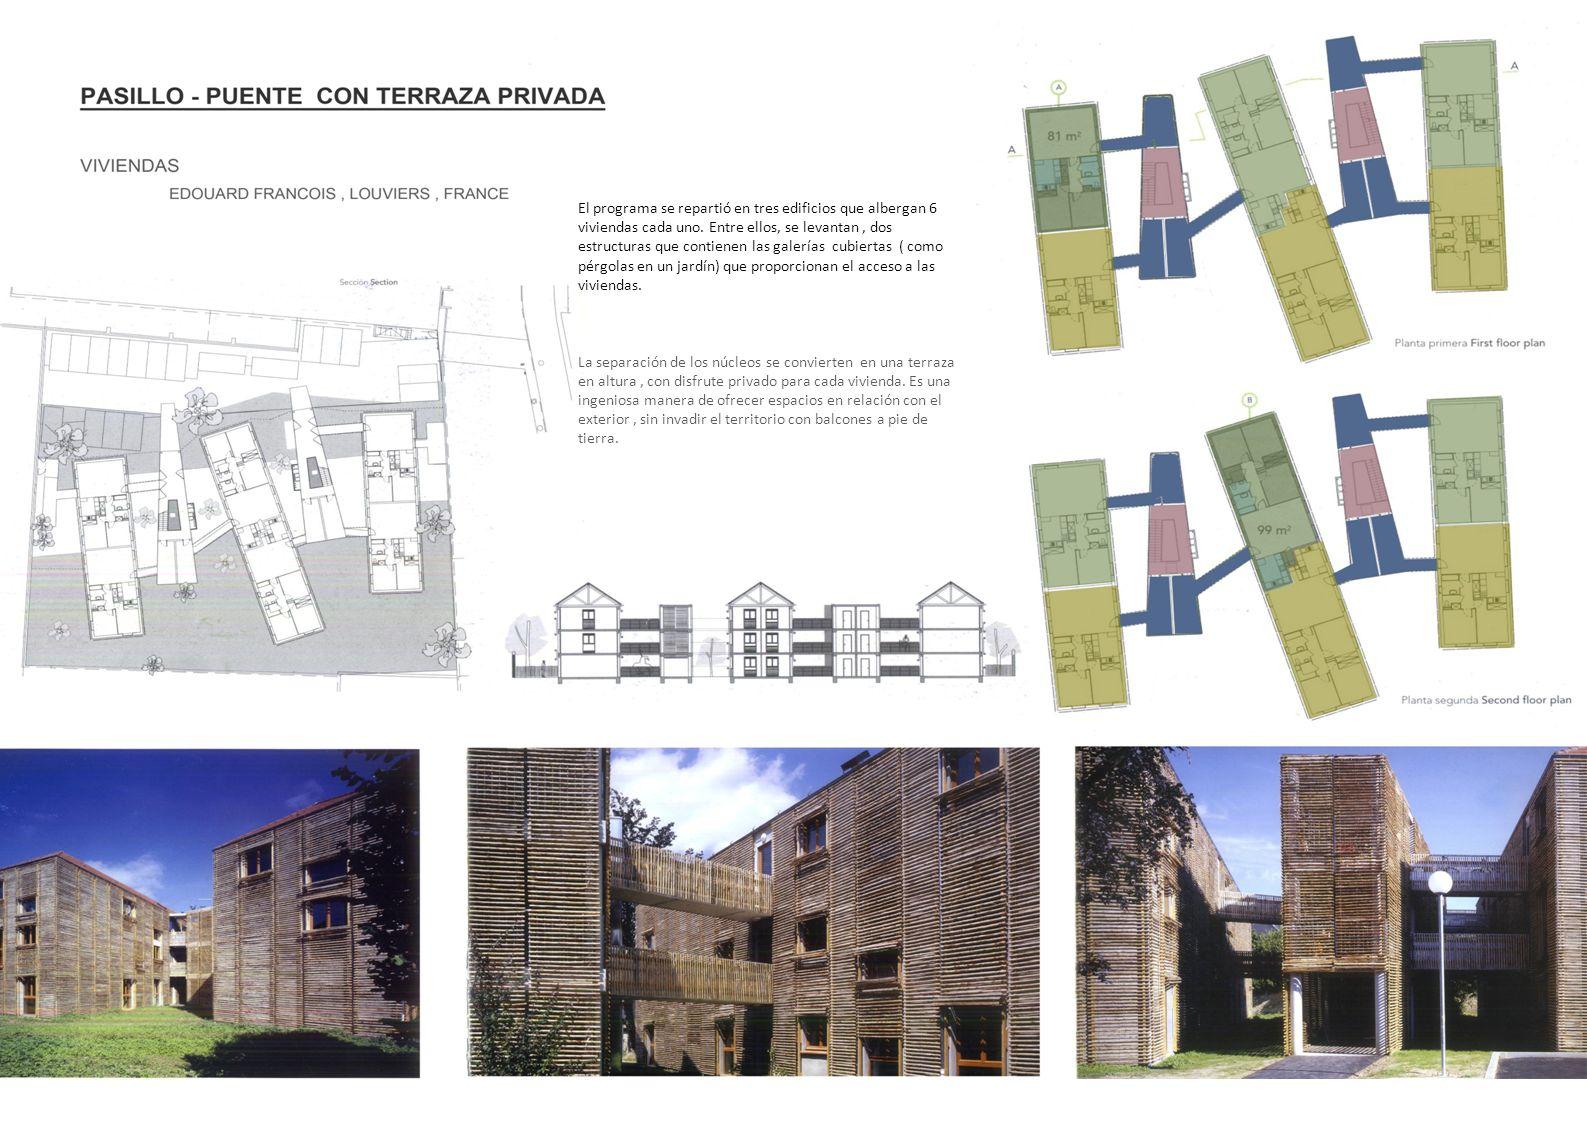 El programa se repartió en tres edificios que albergan 6 viviendas cada uno. Entre ellos, se levantan, dos estructuras que contienen las galerías cubi